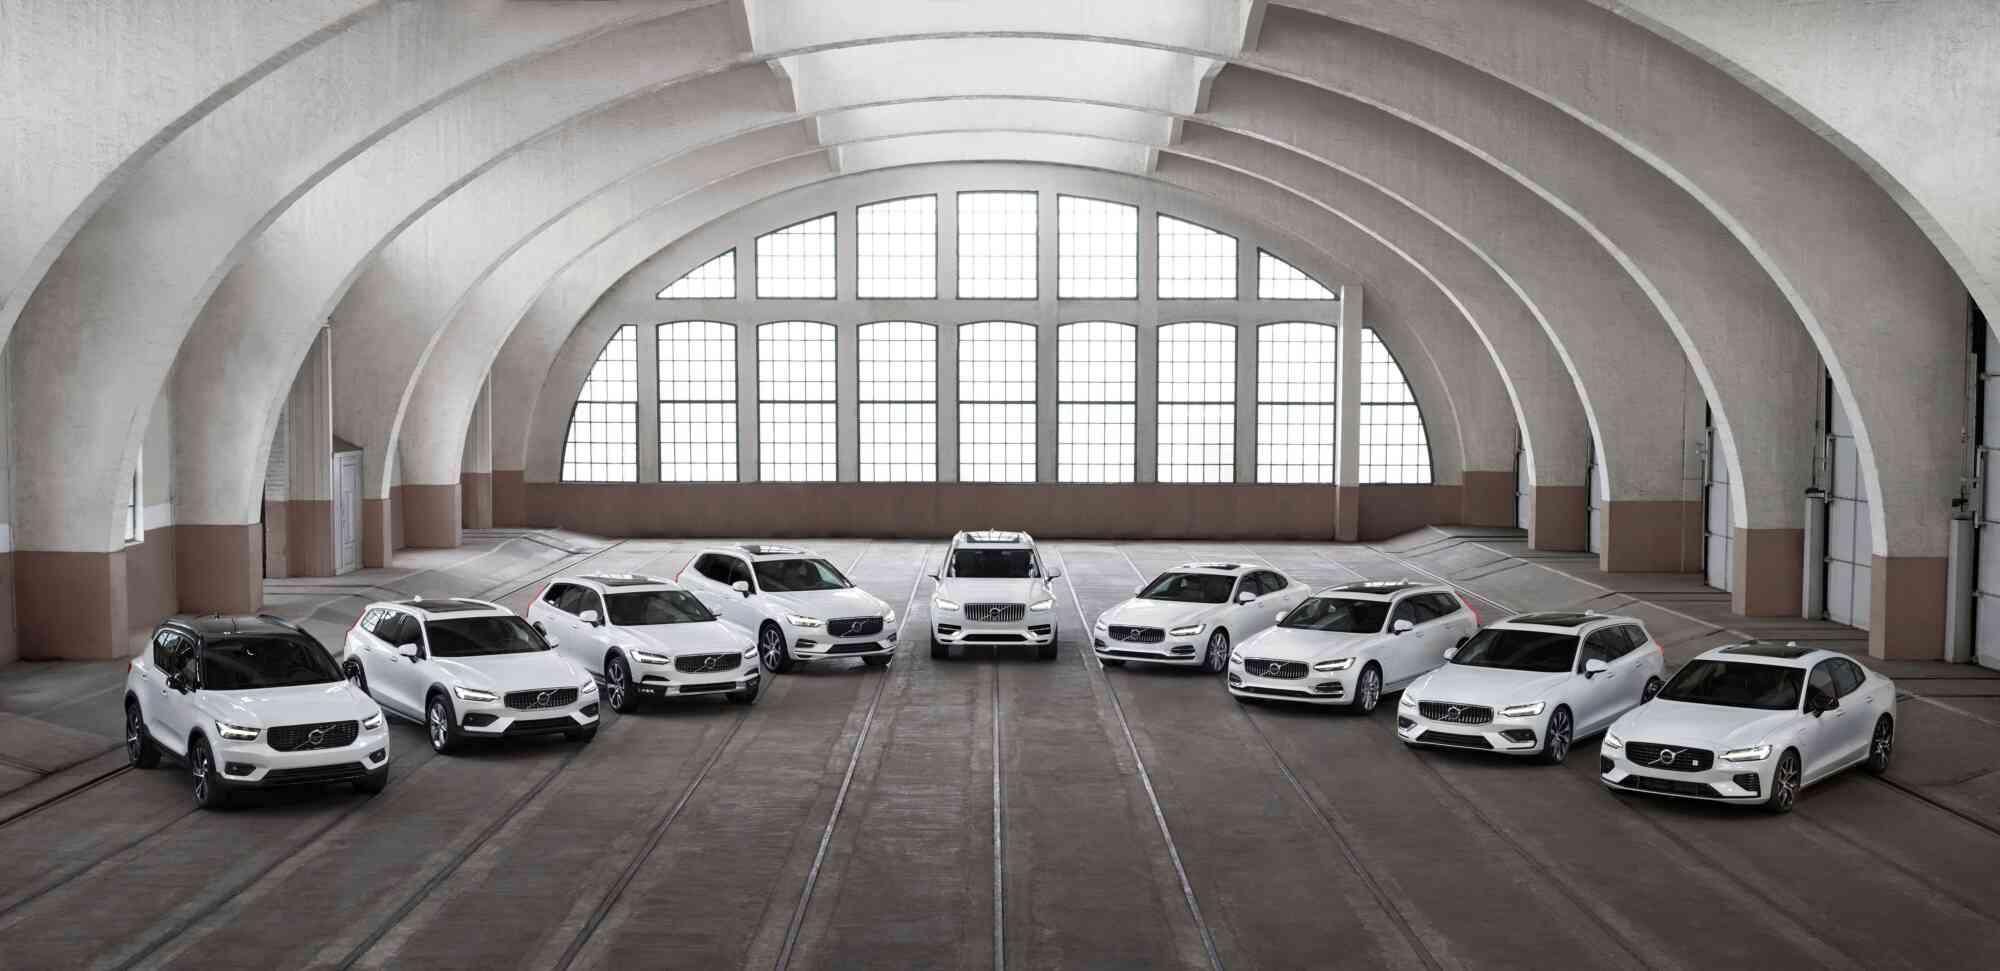 262568 Full Car Range